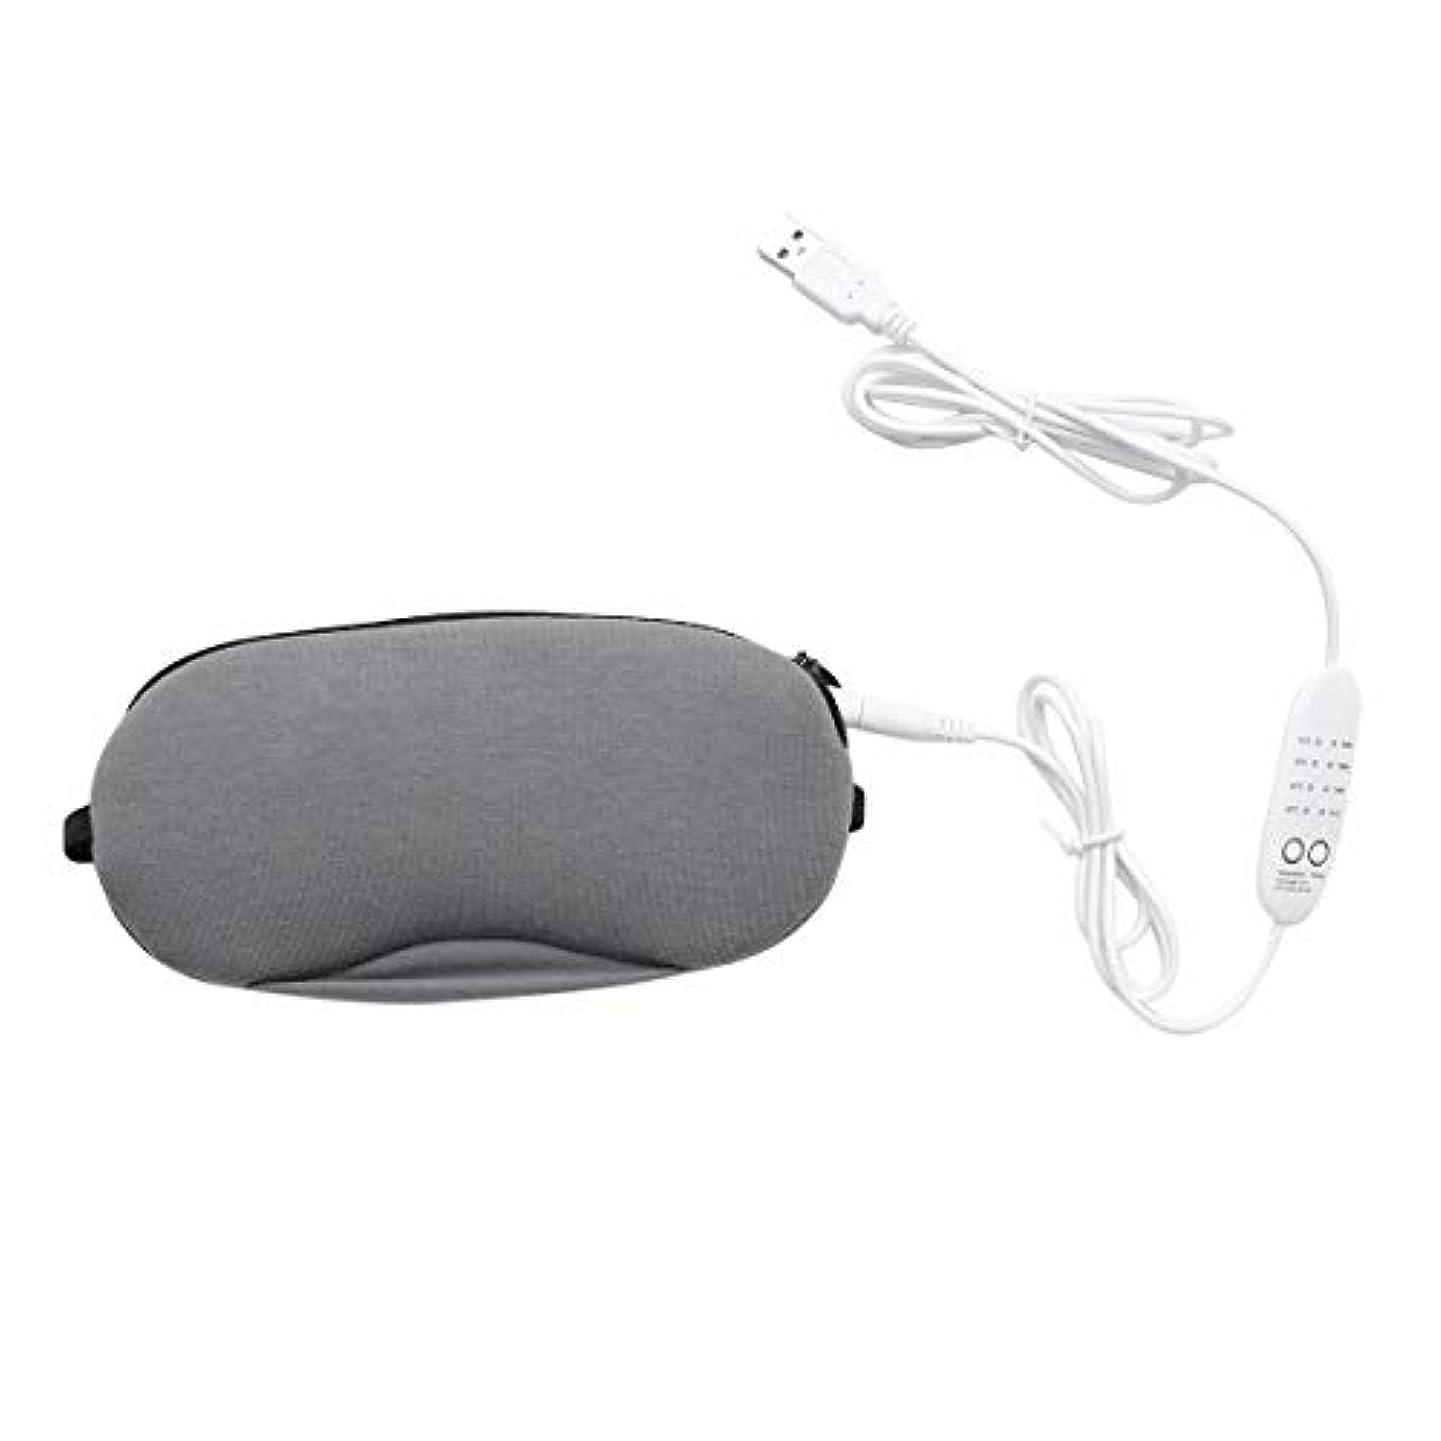 排出変装複雑な不眠症を和らげるためのHealifty USBスチームアイマスク目隠しホットコンプレッションアイシールドドライアイ疲労(グレー)